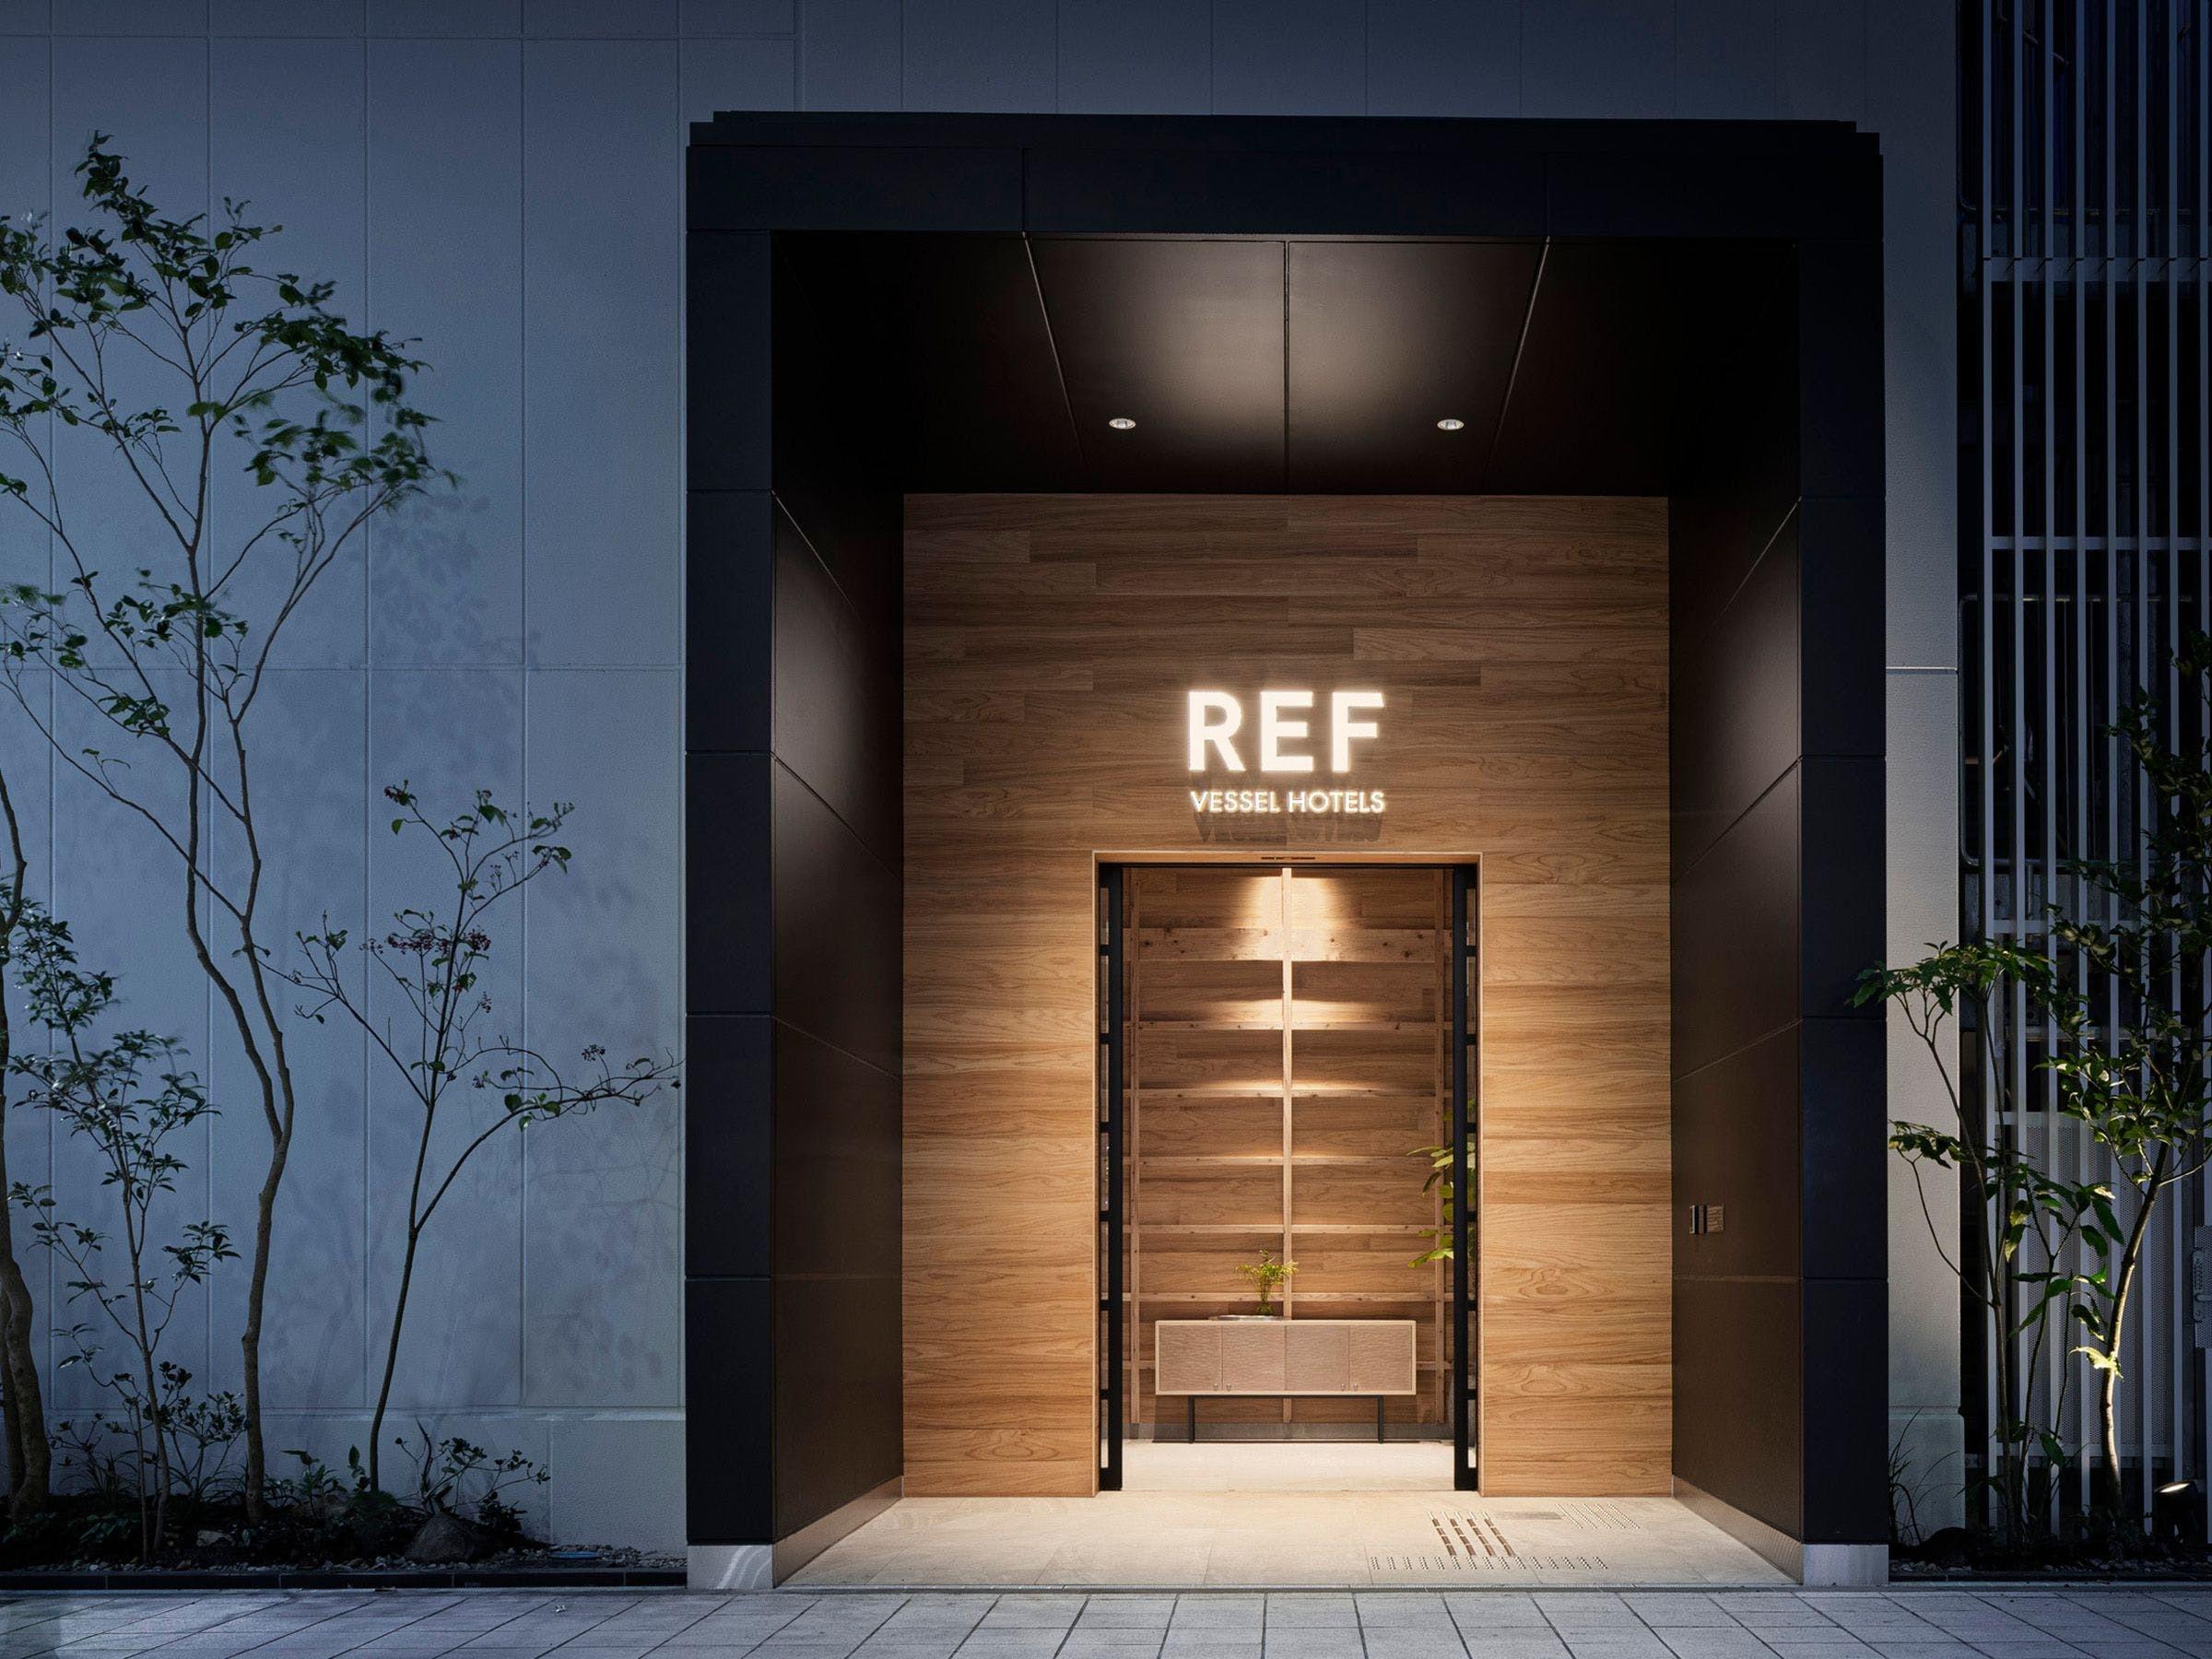 レフ熊本byベッセルホテルズ